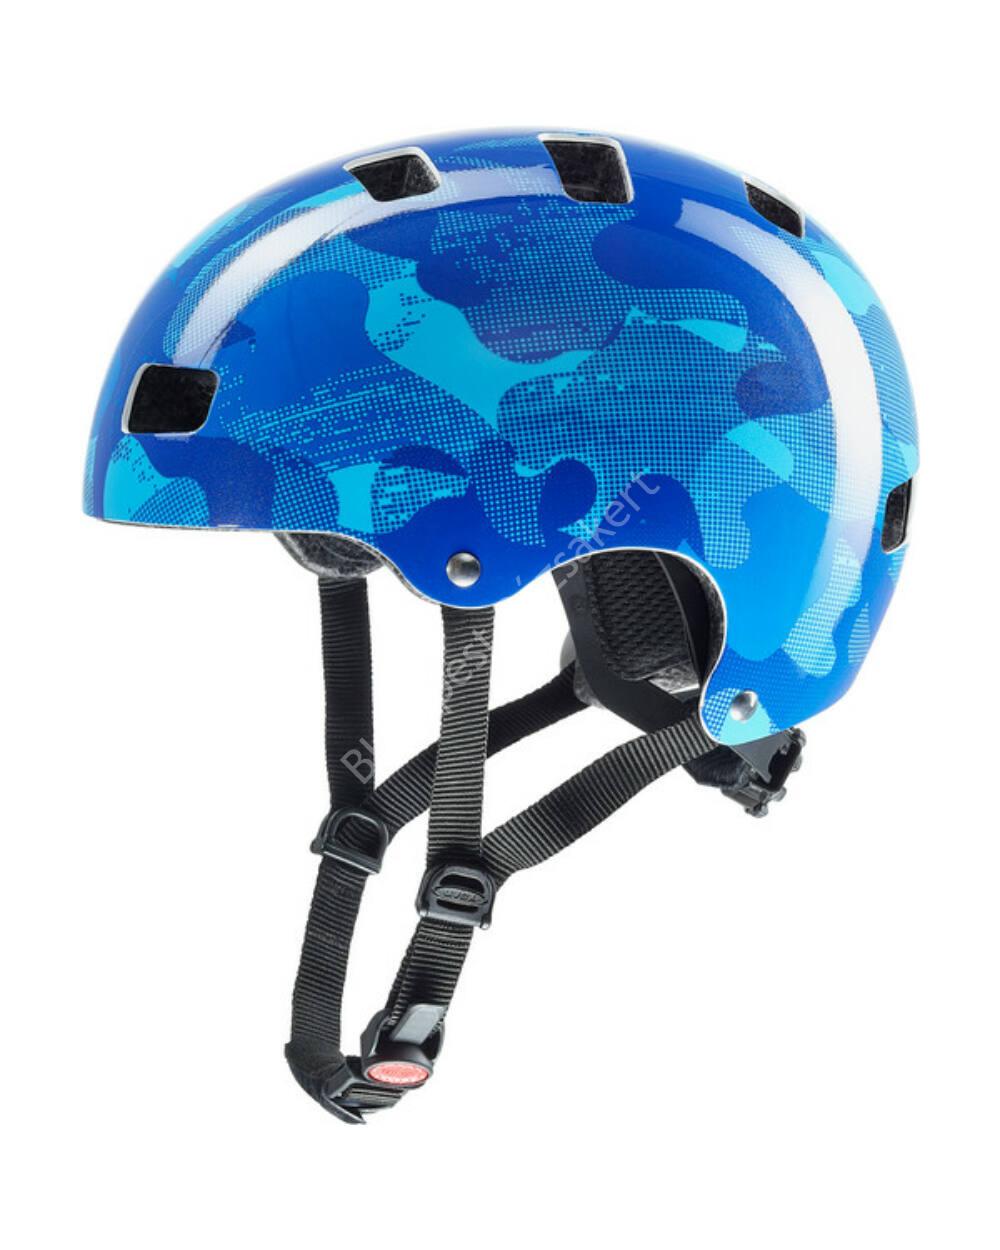 Uvex kid 3 dirtbike bukósisak, blue camo, 51-55 cm